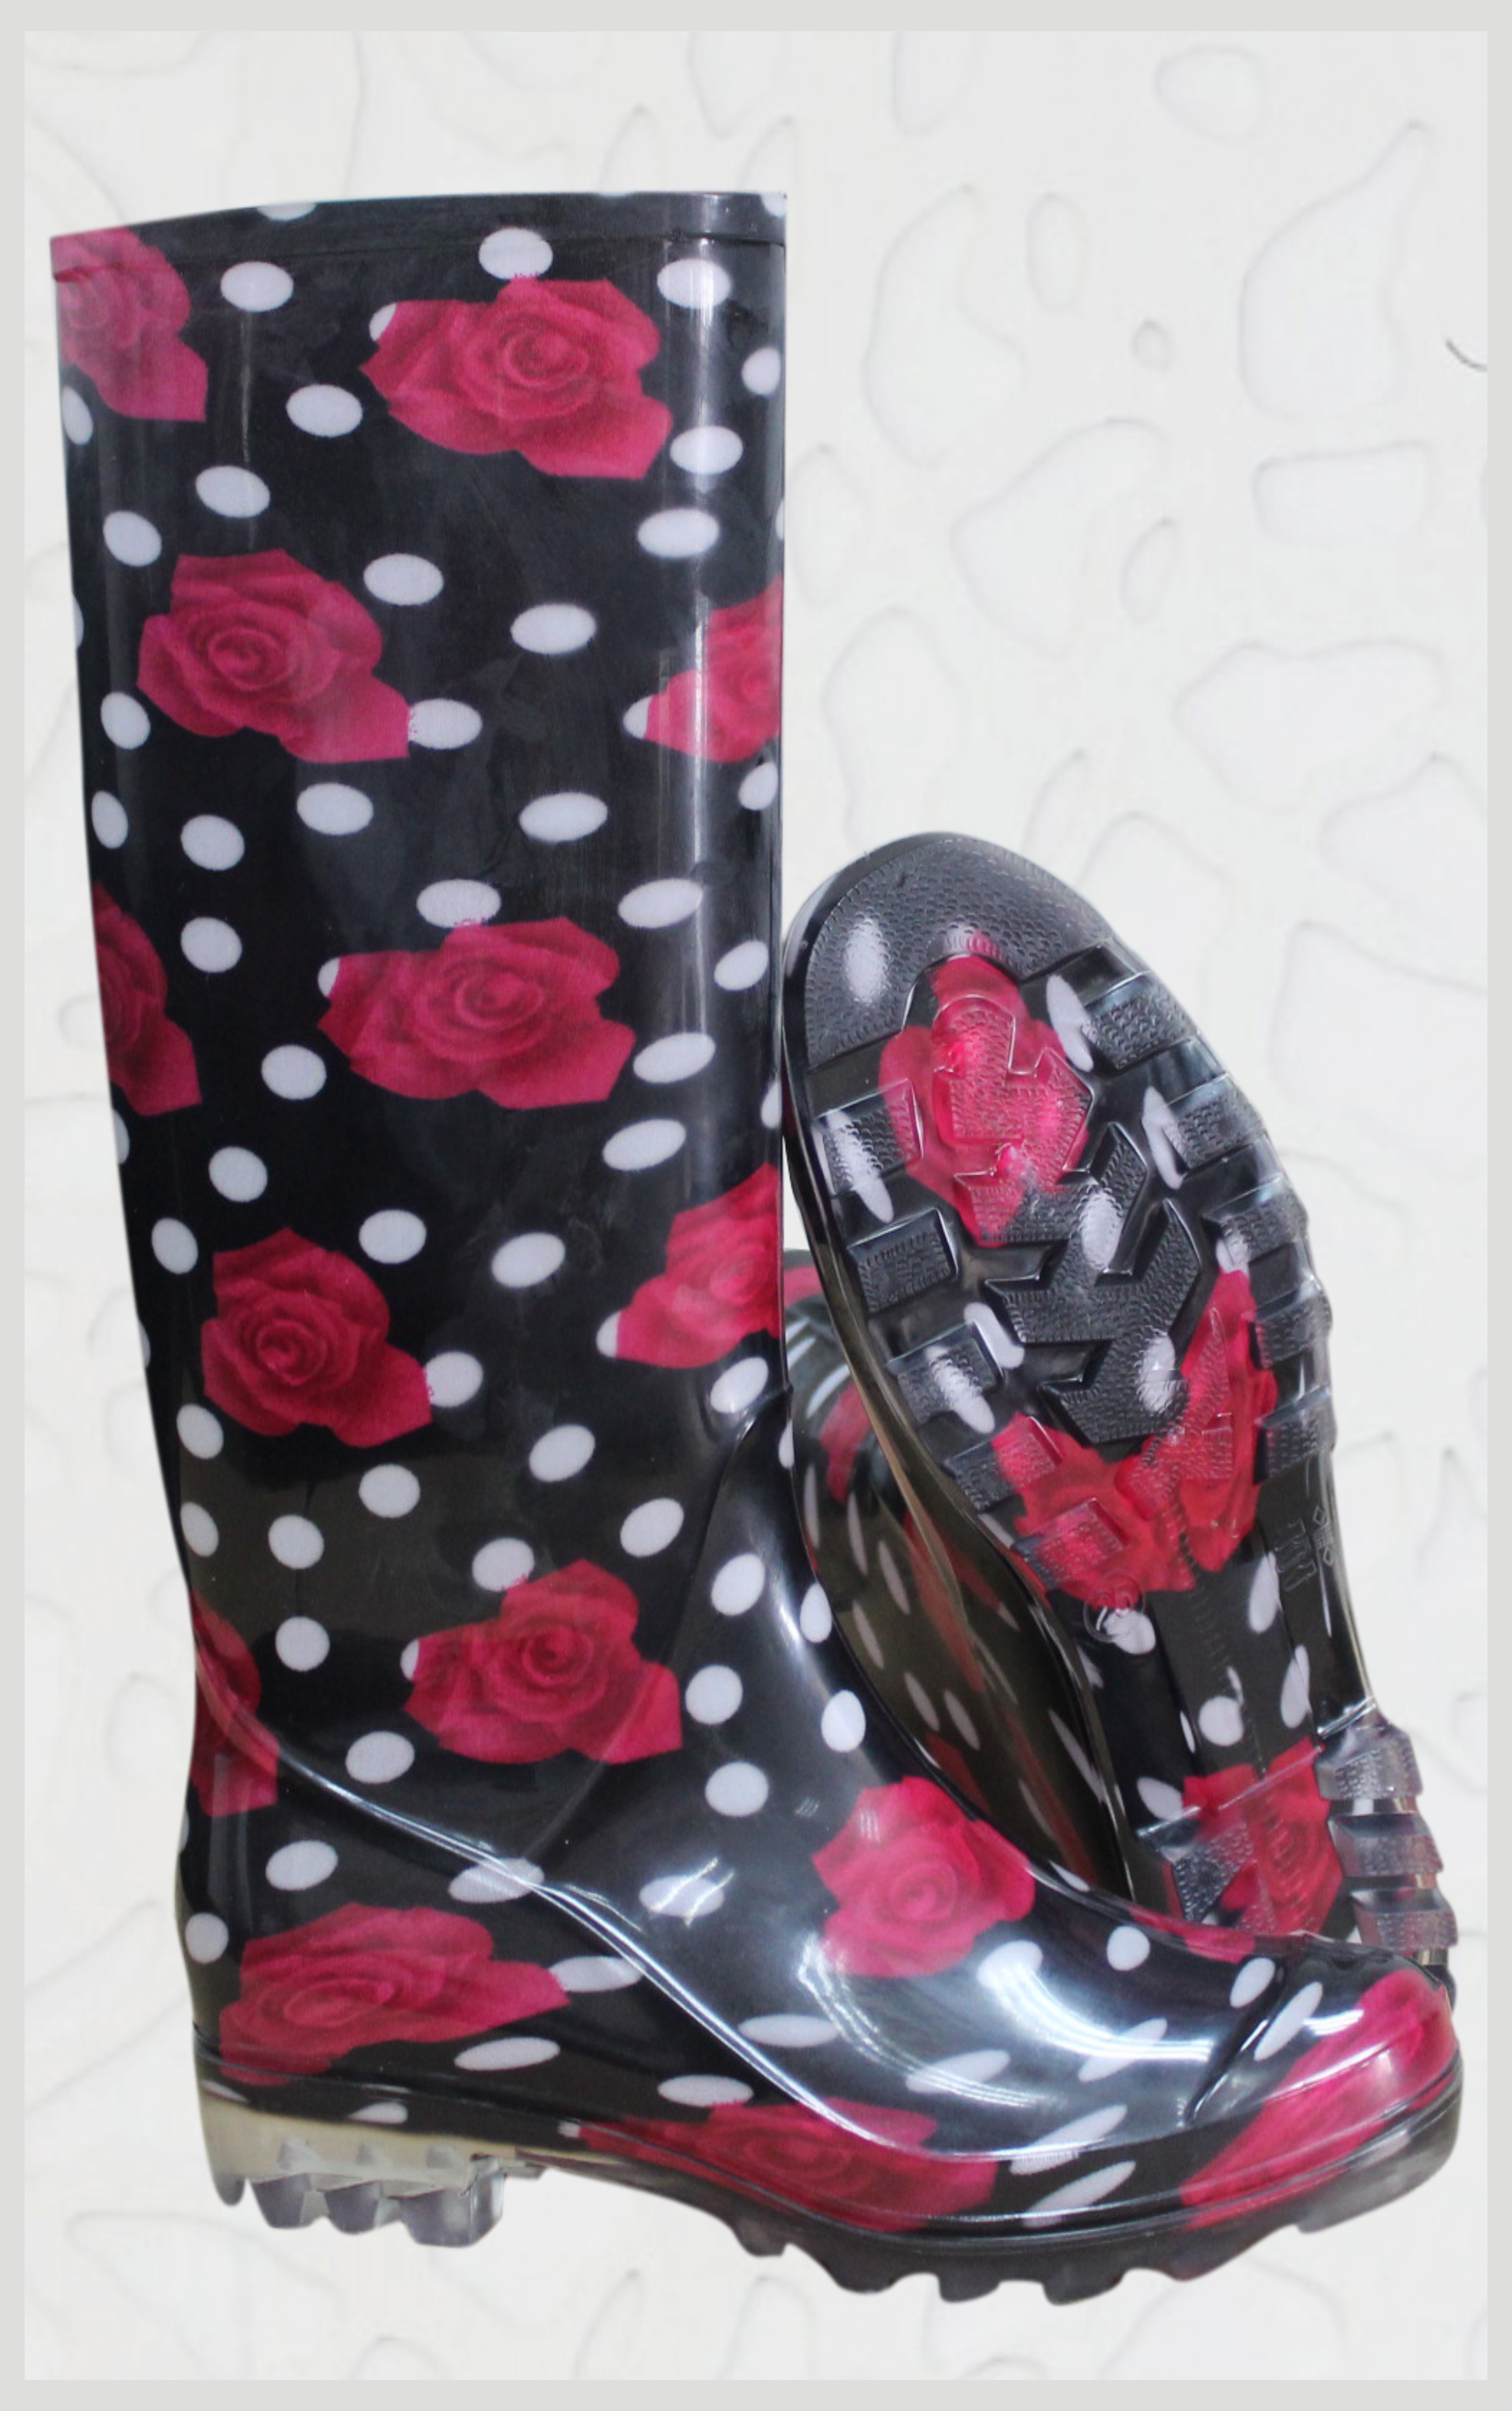 时尚花色雨鞋,温州时尚花色雨鞋,义乌时尚花色雨鞋,宁波时尚花色雨鞋